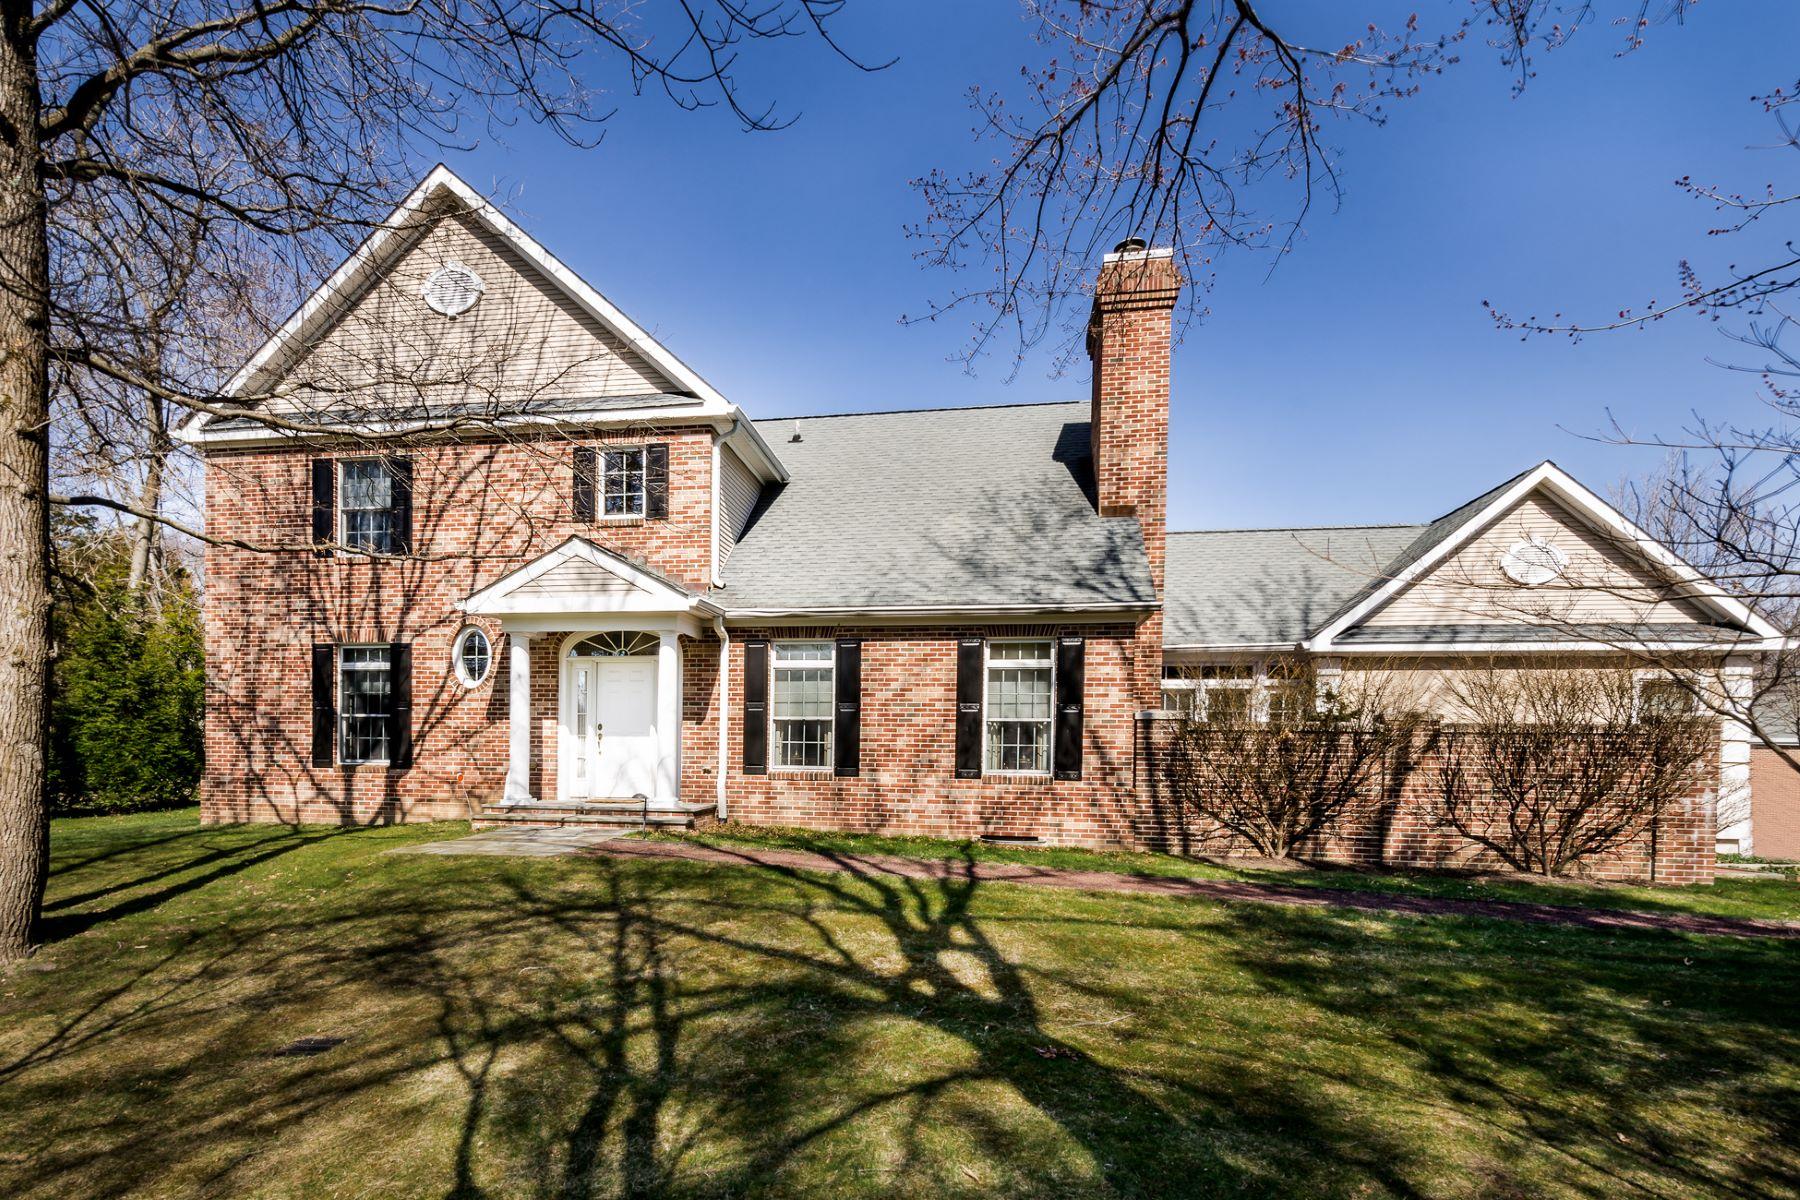 Casa Unifamiliar por un Venta en Calm Graciousness in Governors Lane 15 Governors Lane Princeton, Nueva Jersey, 08540 Estados Unidos